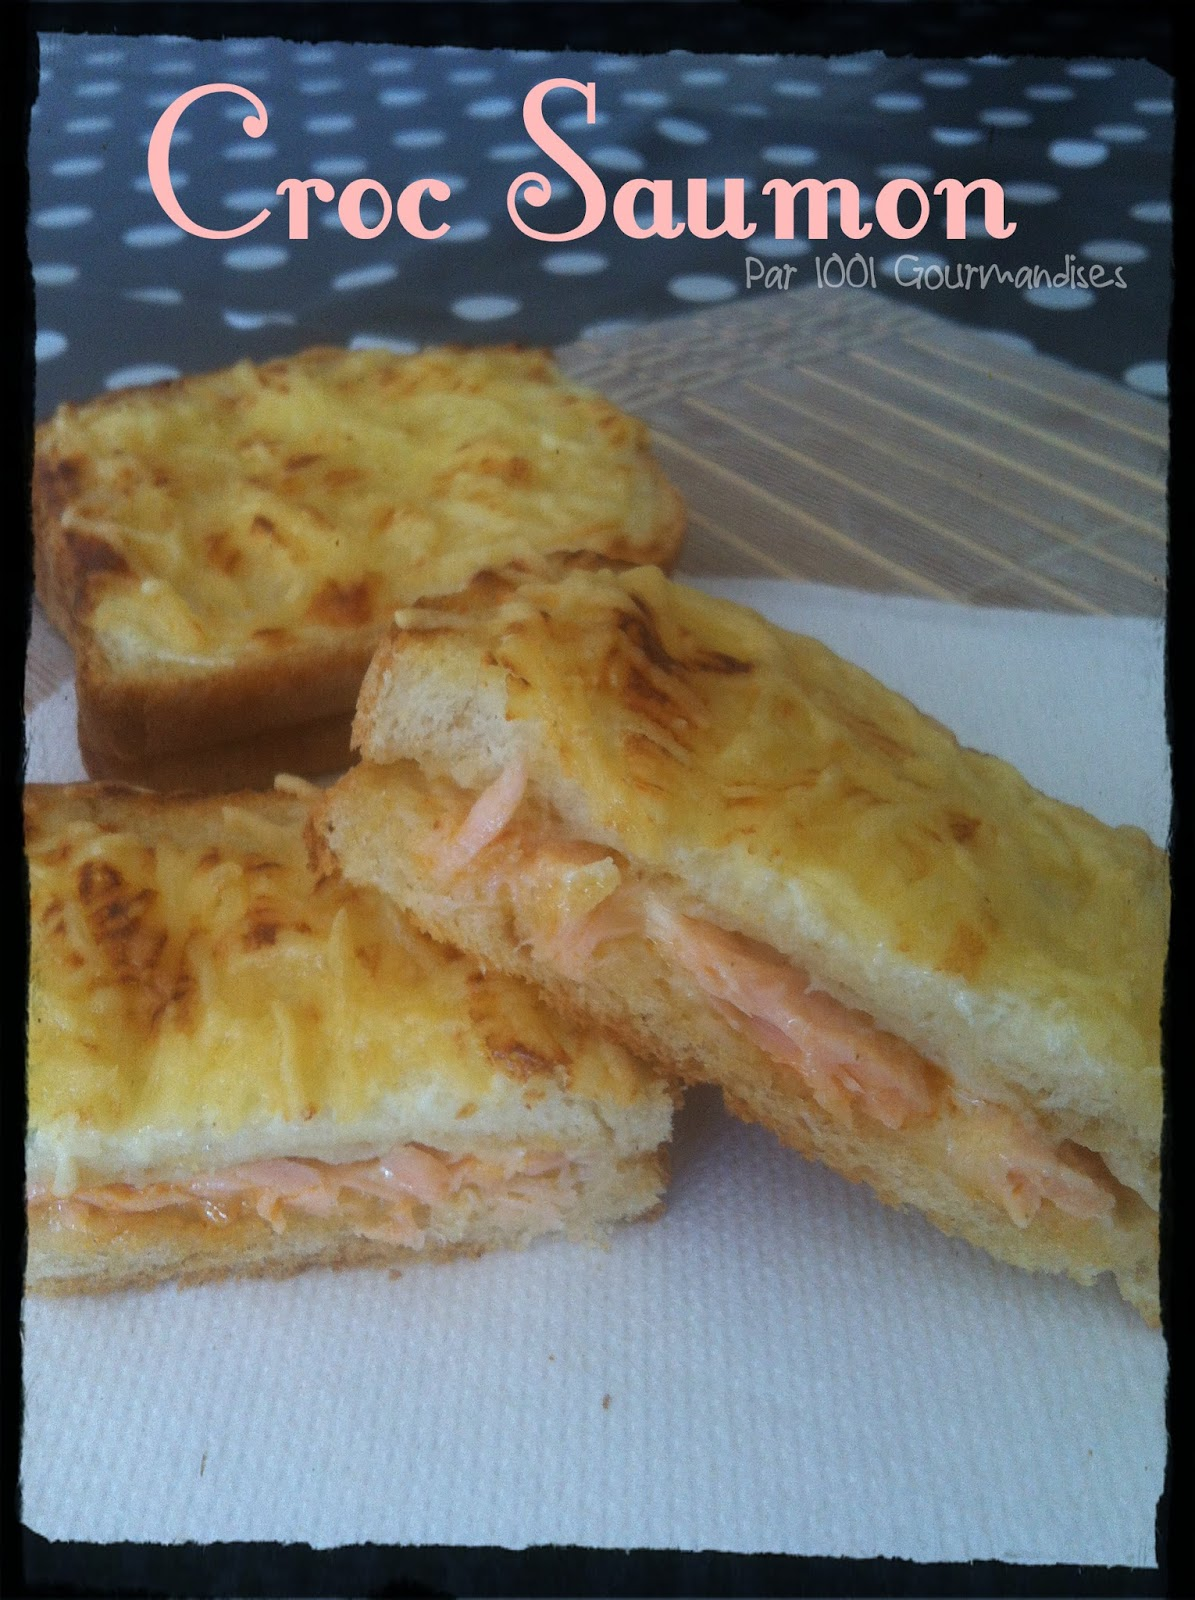 Les crocs saumon au four blogs de cuisine for Cuisine 0 crocs